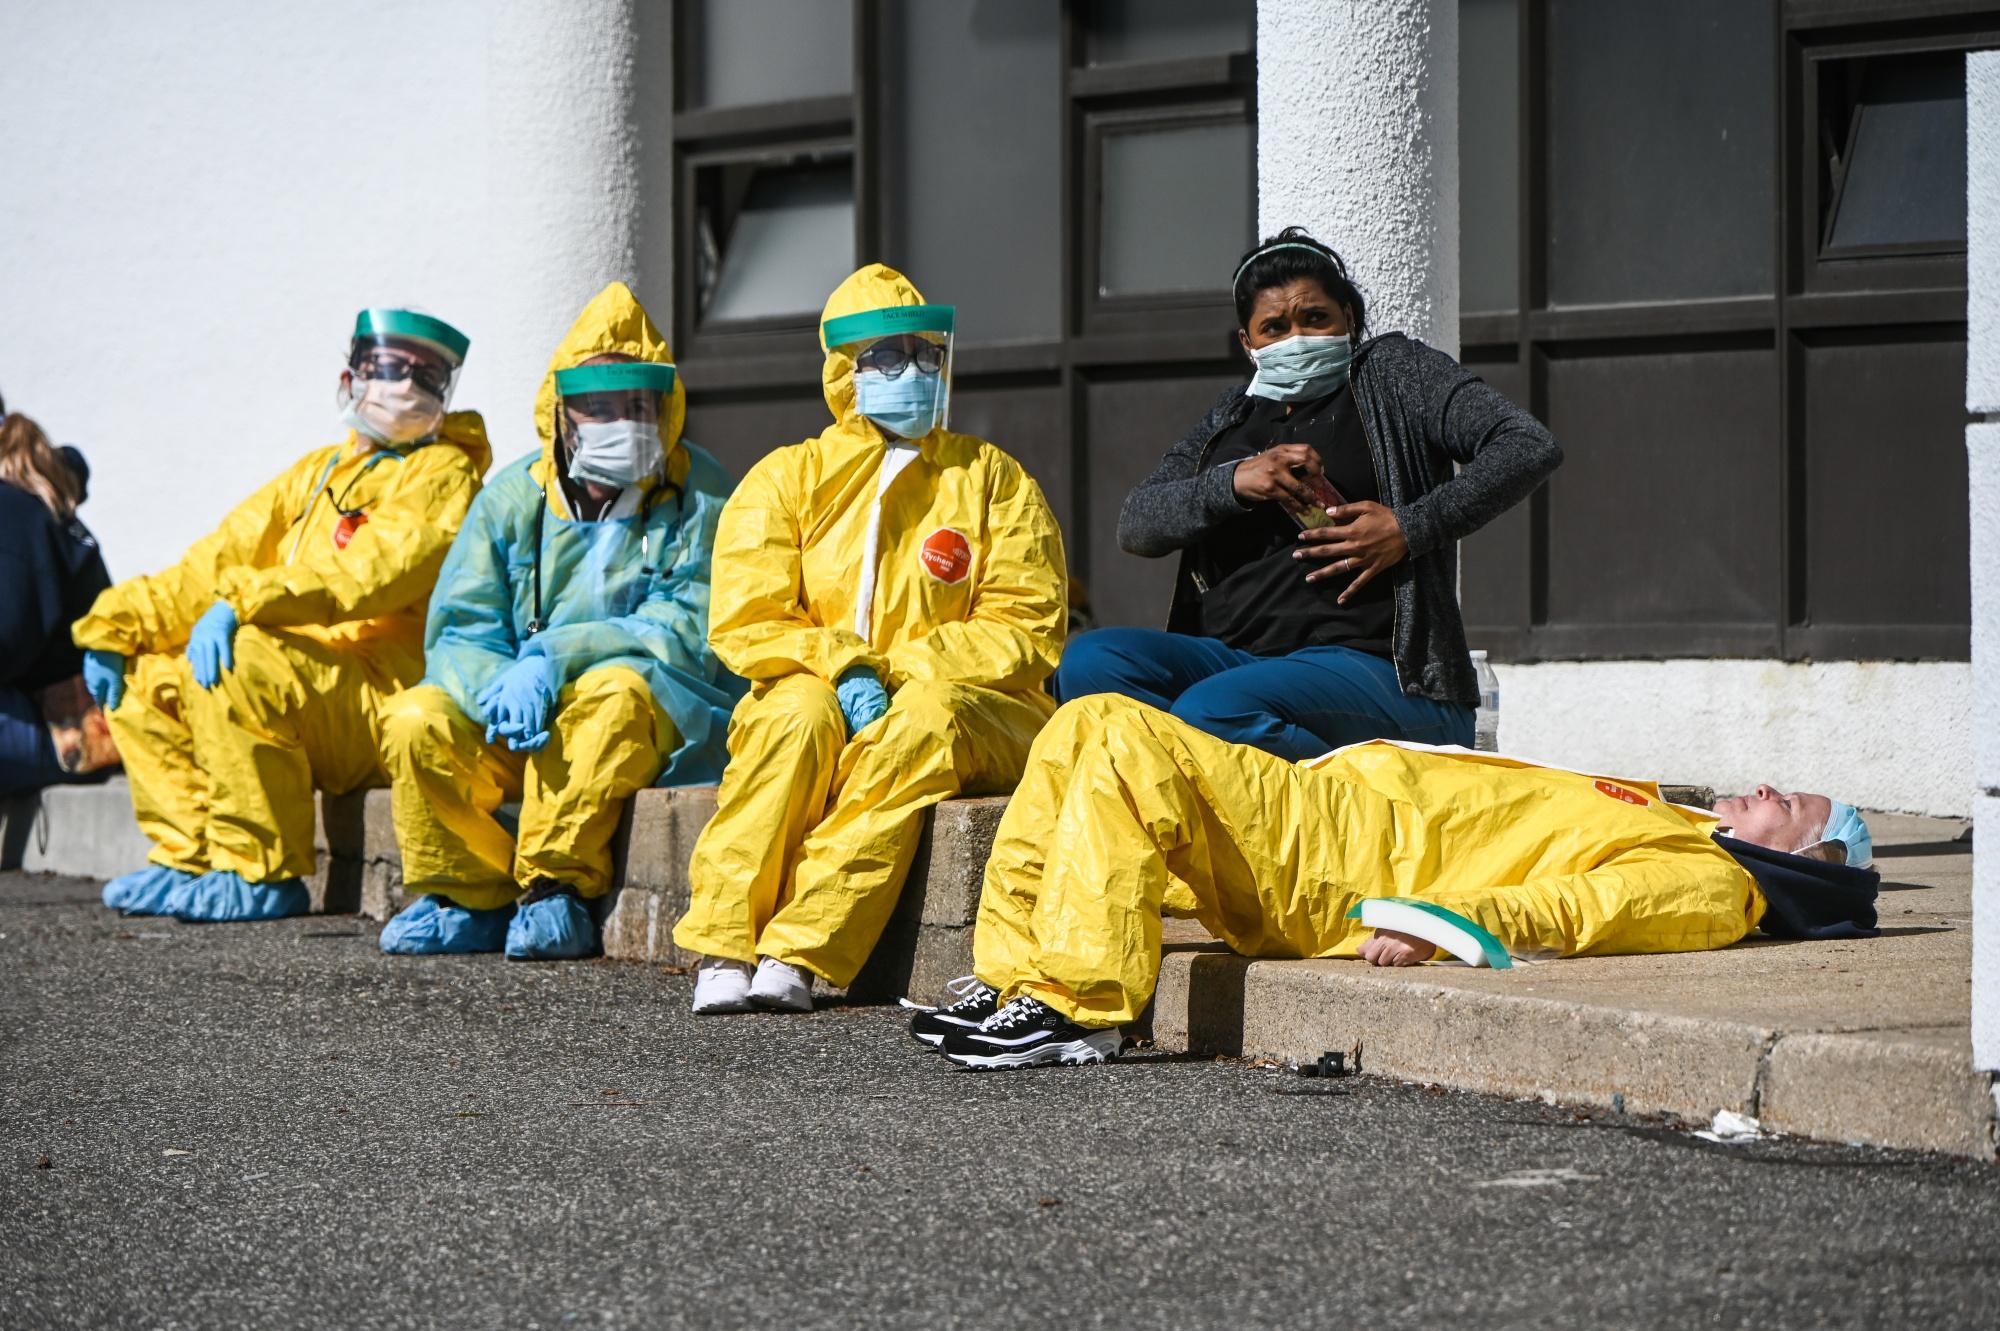 Covid19: როგორ ინფიცირდებიან მედიკოსები და რატომ ავადდებიან ისინი განსაკუთრებით მძიმე ფორმით